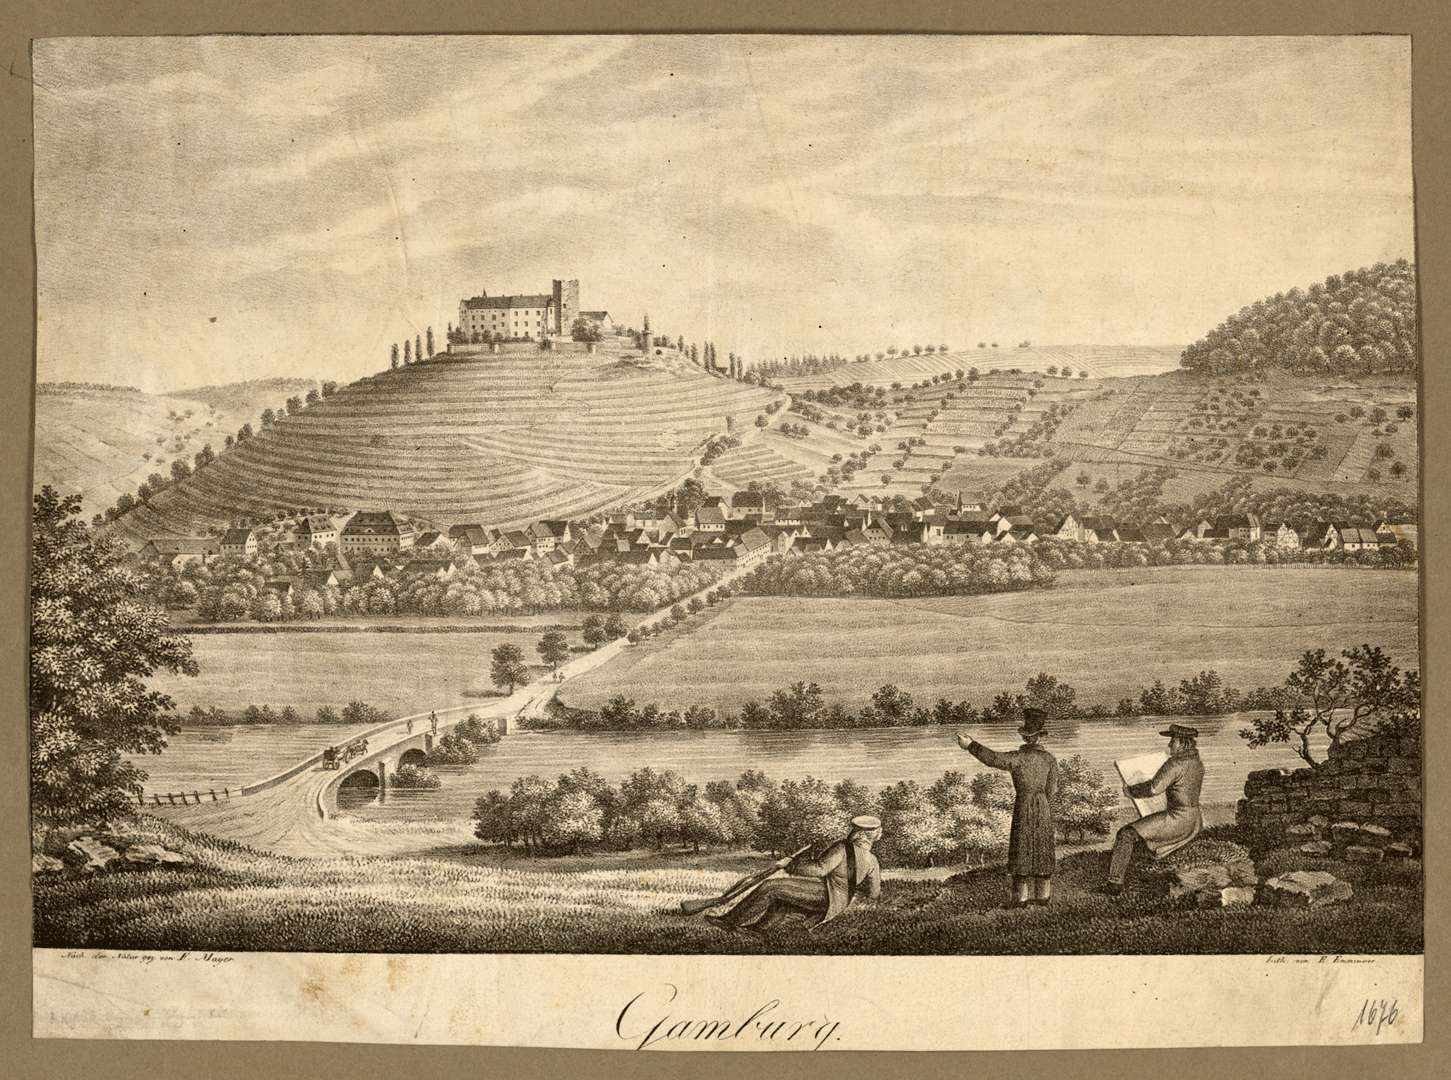 Gamburg, Bild 1